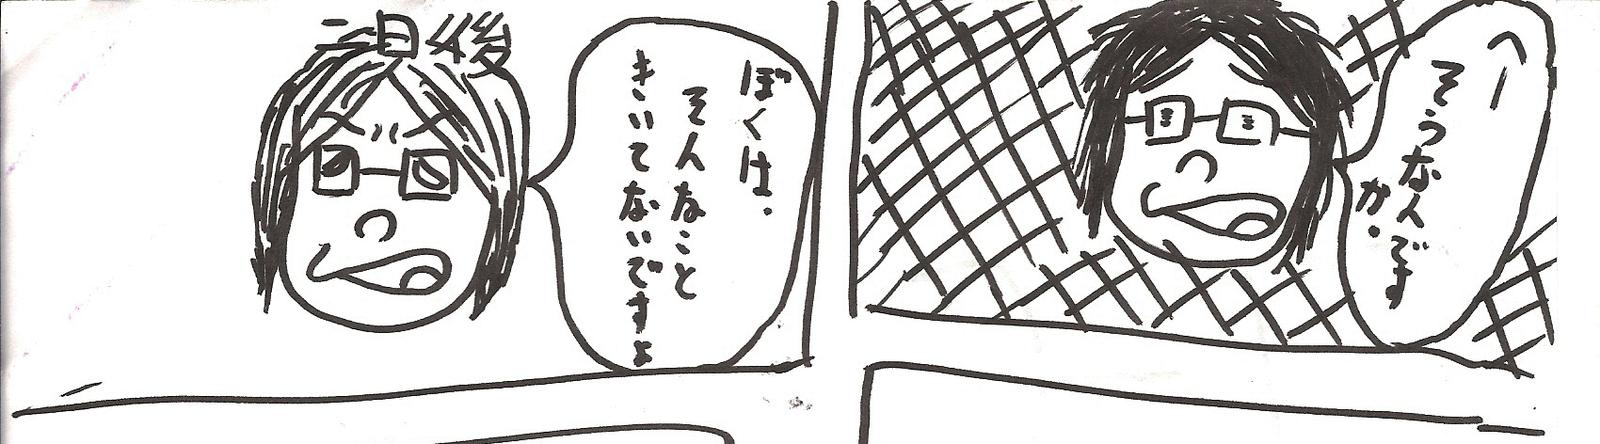 Futsukago